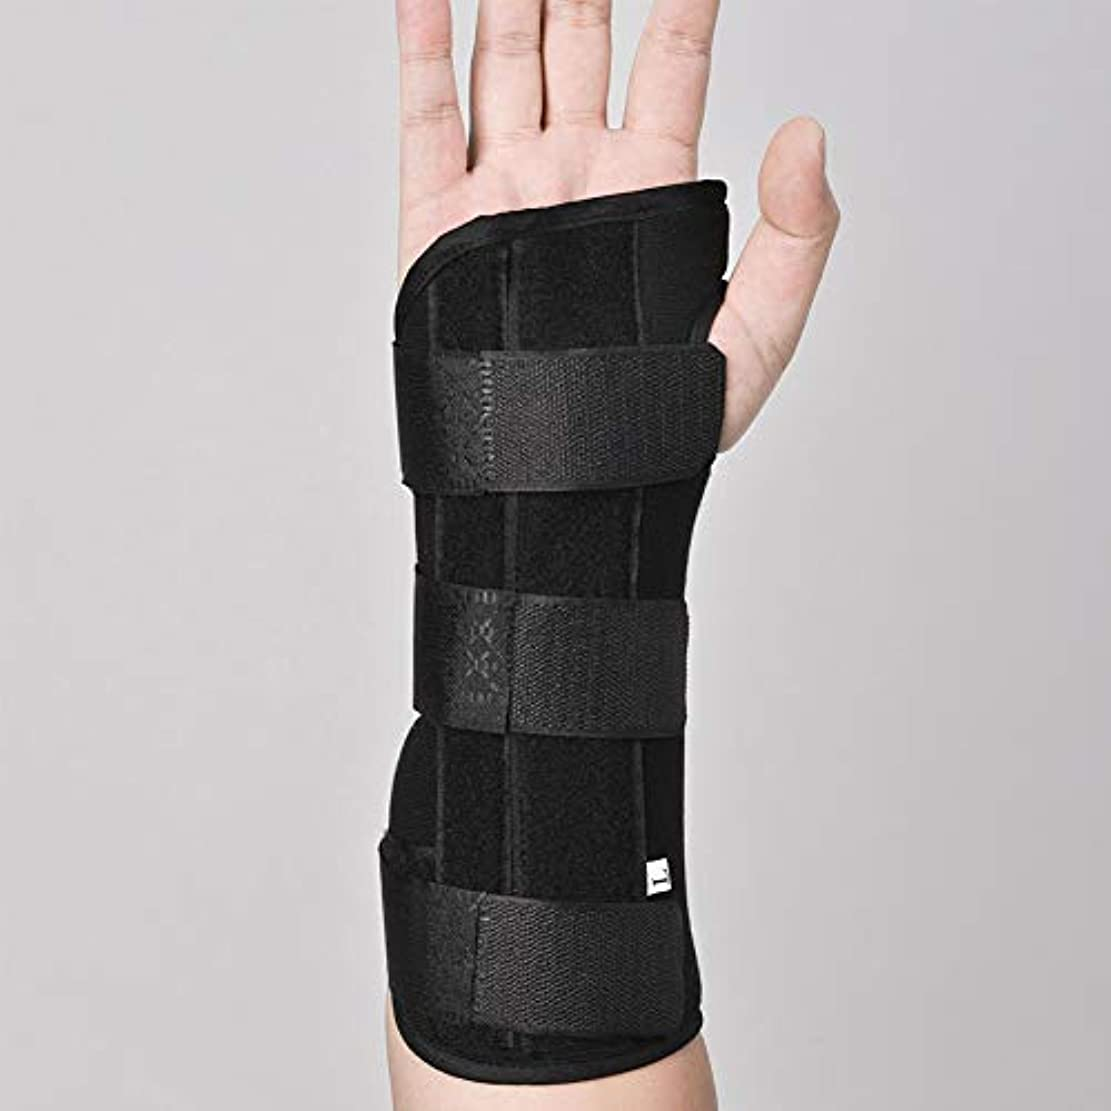 捻挫および成人用に適した関節炎のためのアルミニウム副木矯正ストラップ痛み緩和と手首の関節,Lefthand,S